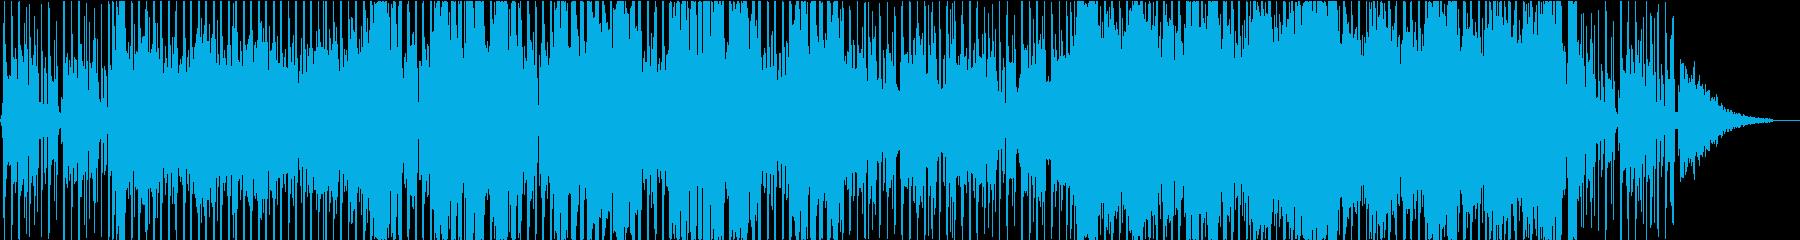 ファンク・ディスコ・レッツゴー!!の再生済みの波形